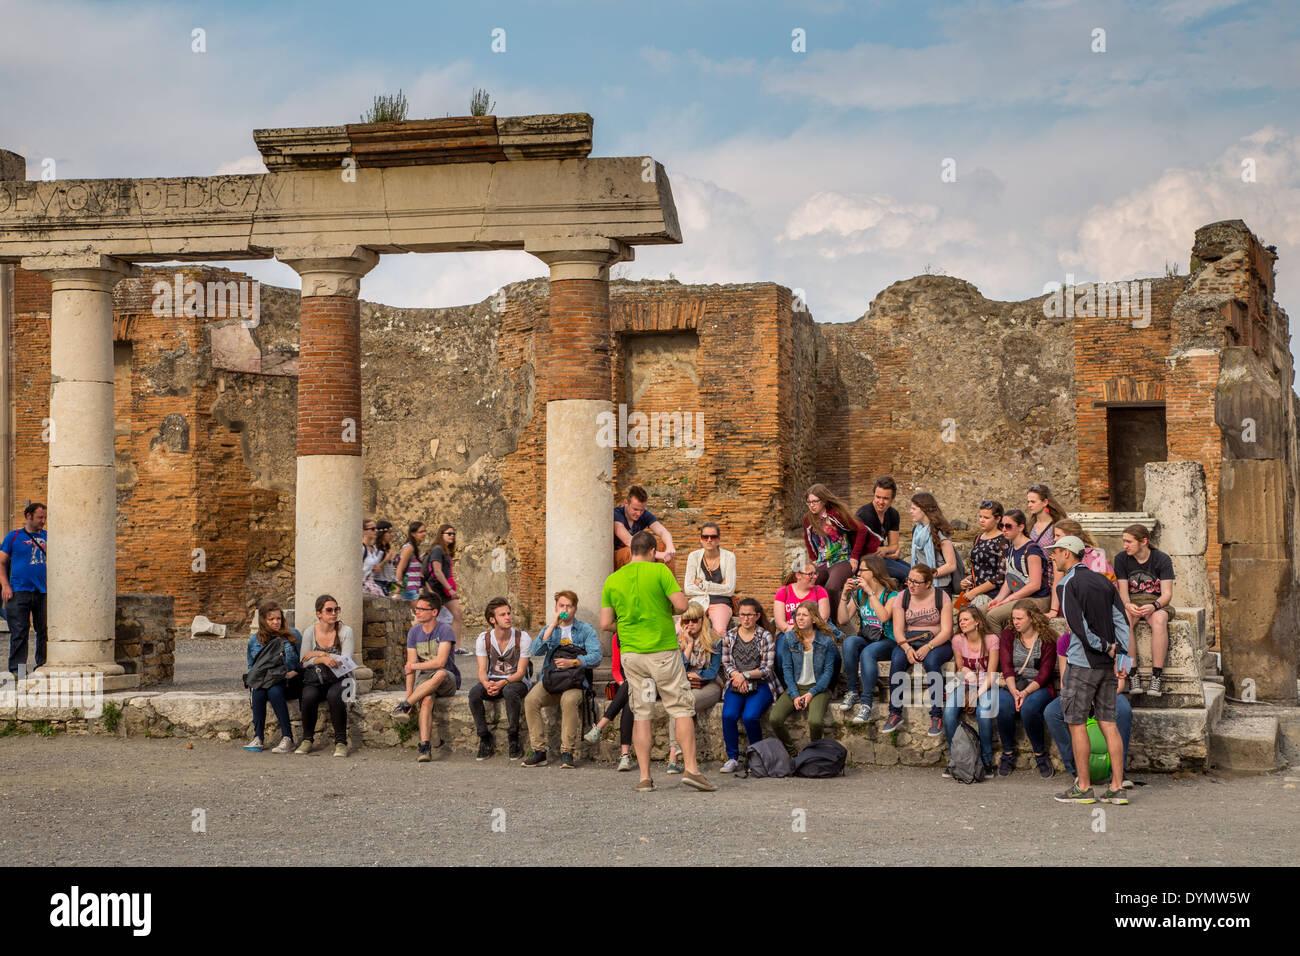 Viaje escolar a las ruinas de la ciudad romana de Pompeya, Italia Imagen De Stock